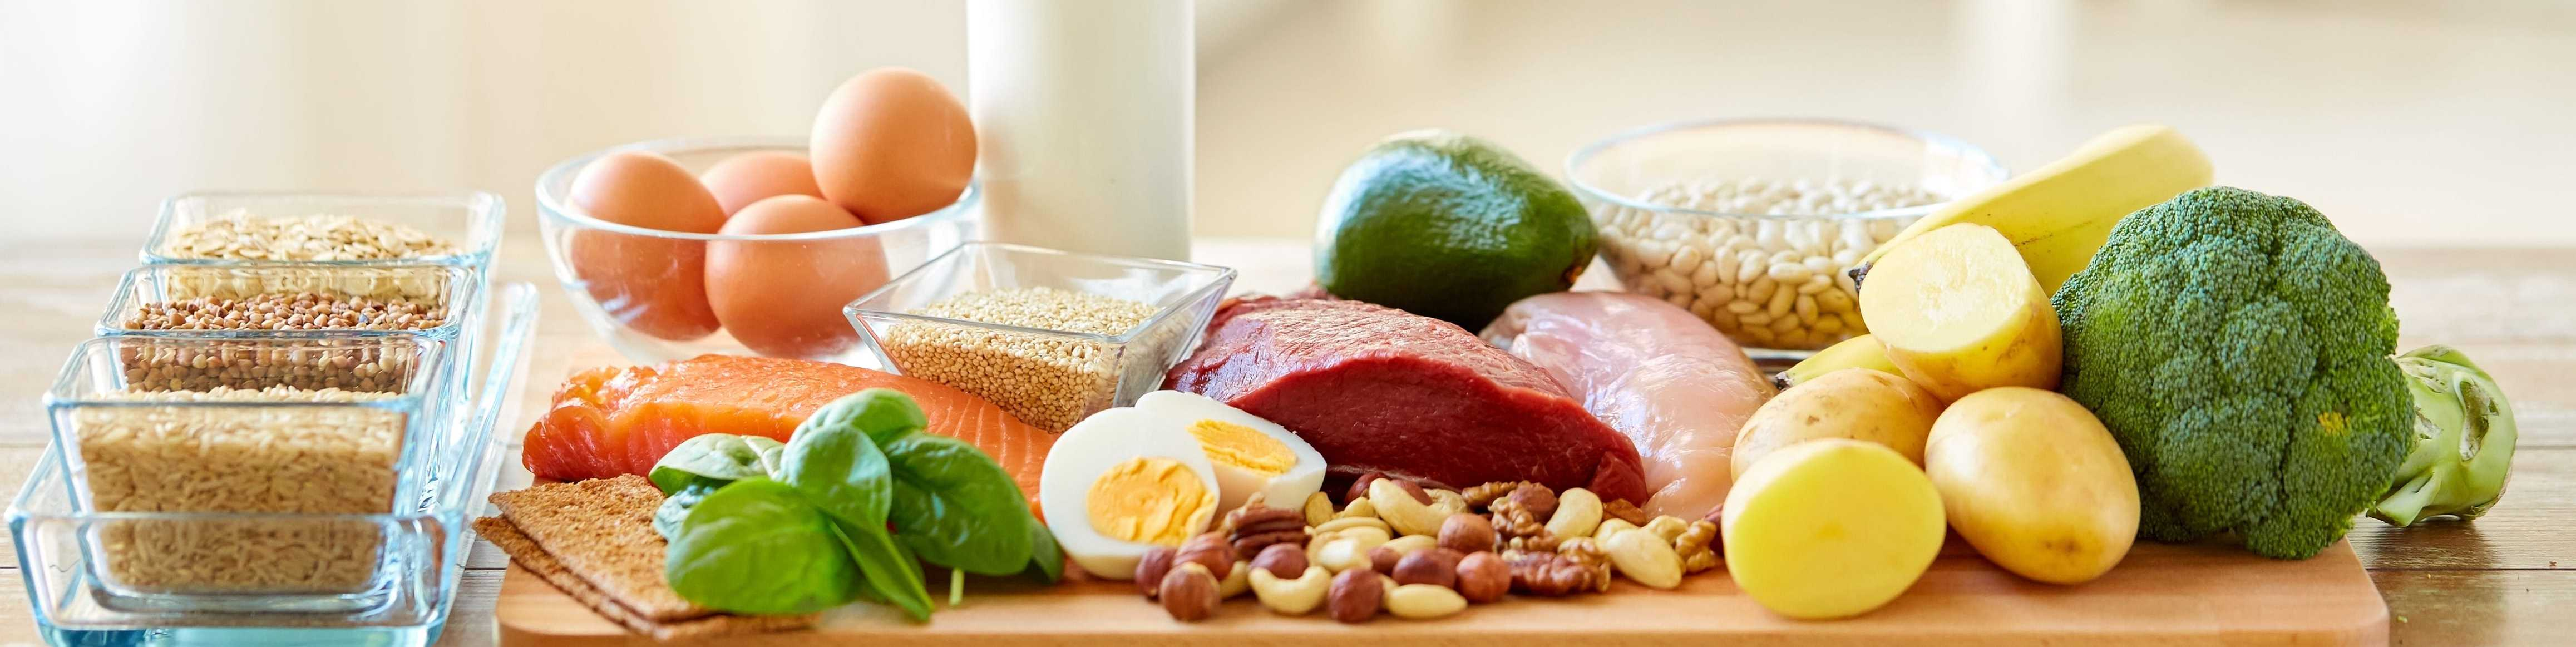 Eier, Fleisch, Nüsse, Foodmap-arme-Lebensmittel